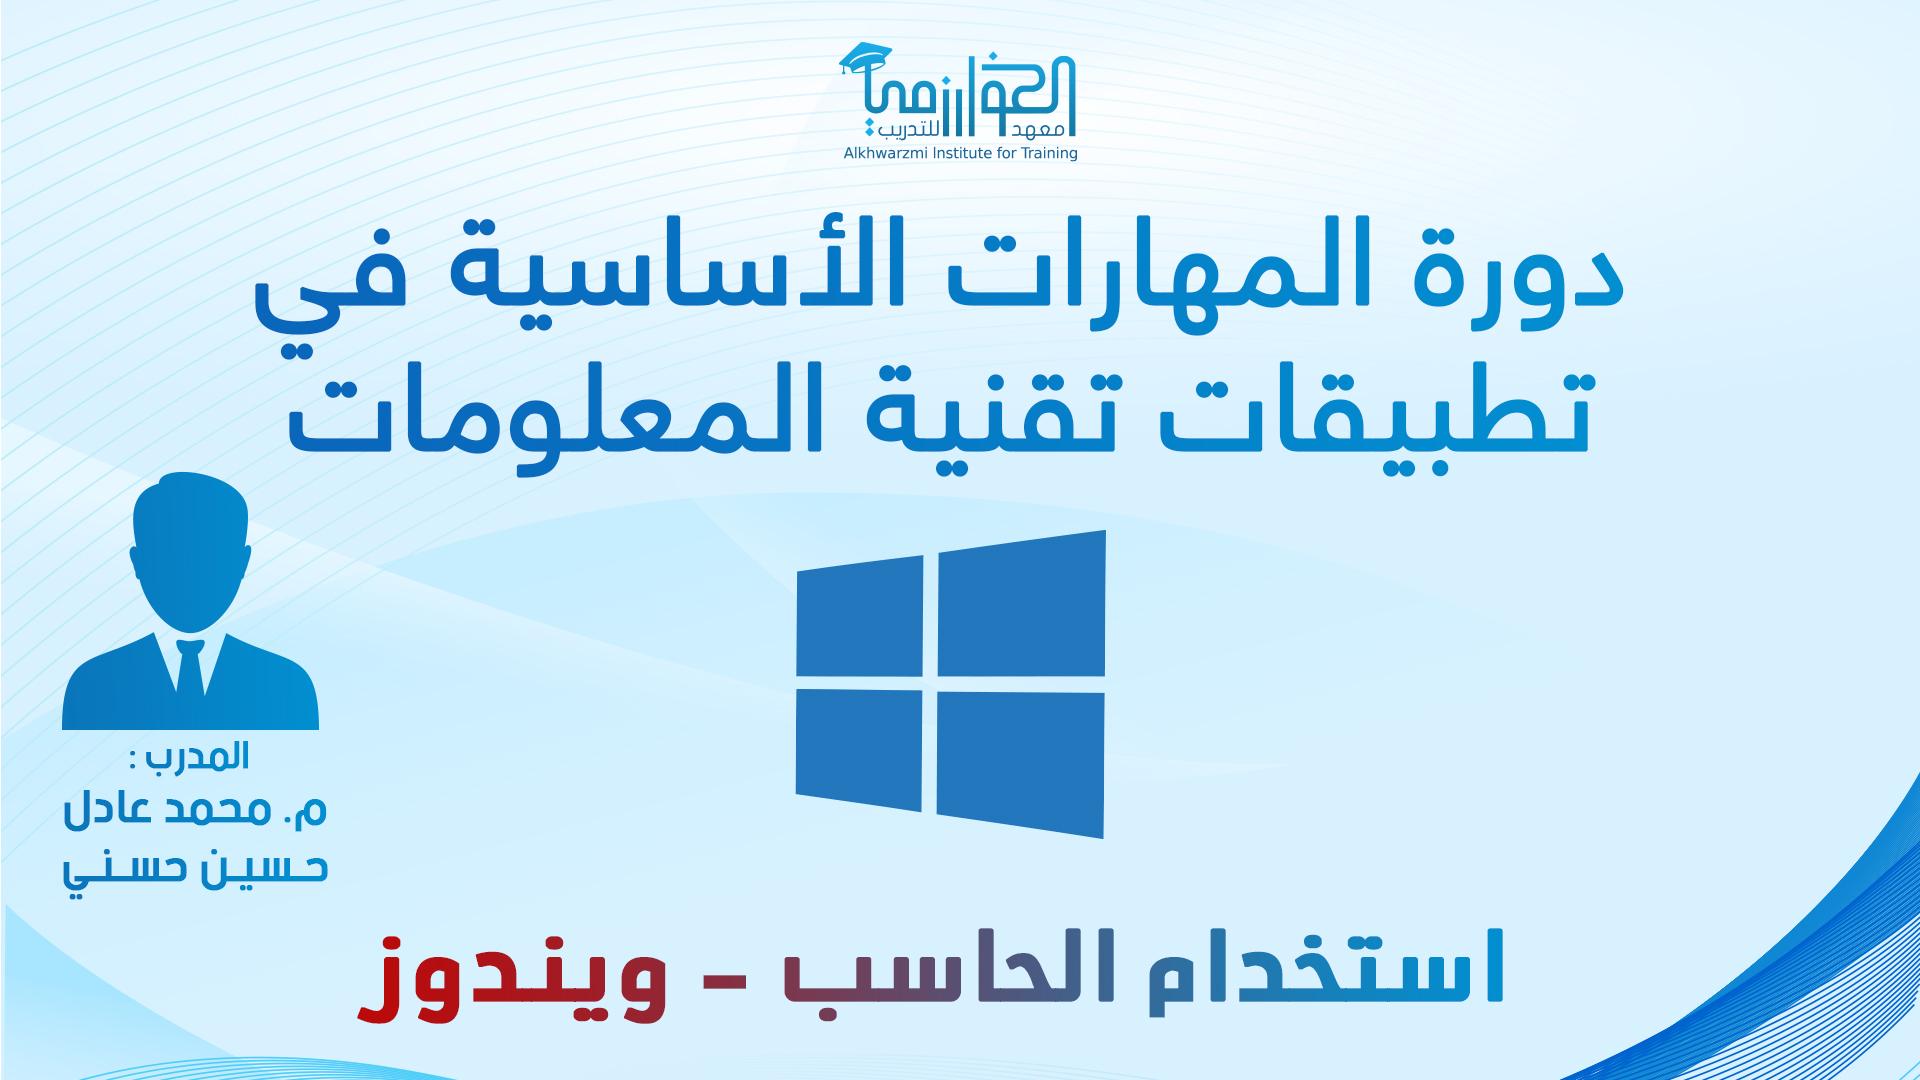 نظام التشغيل ويندوز